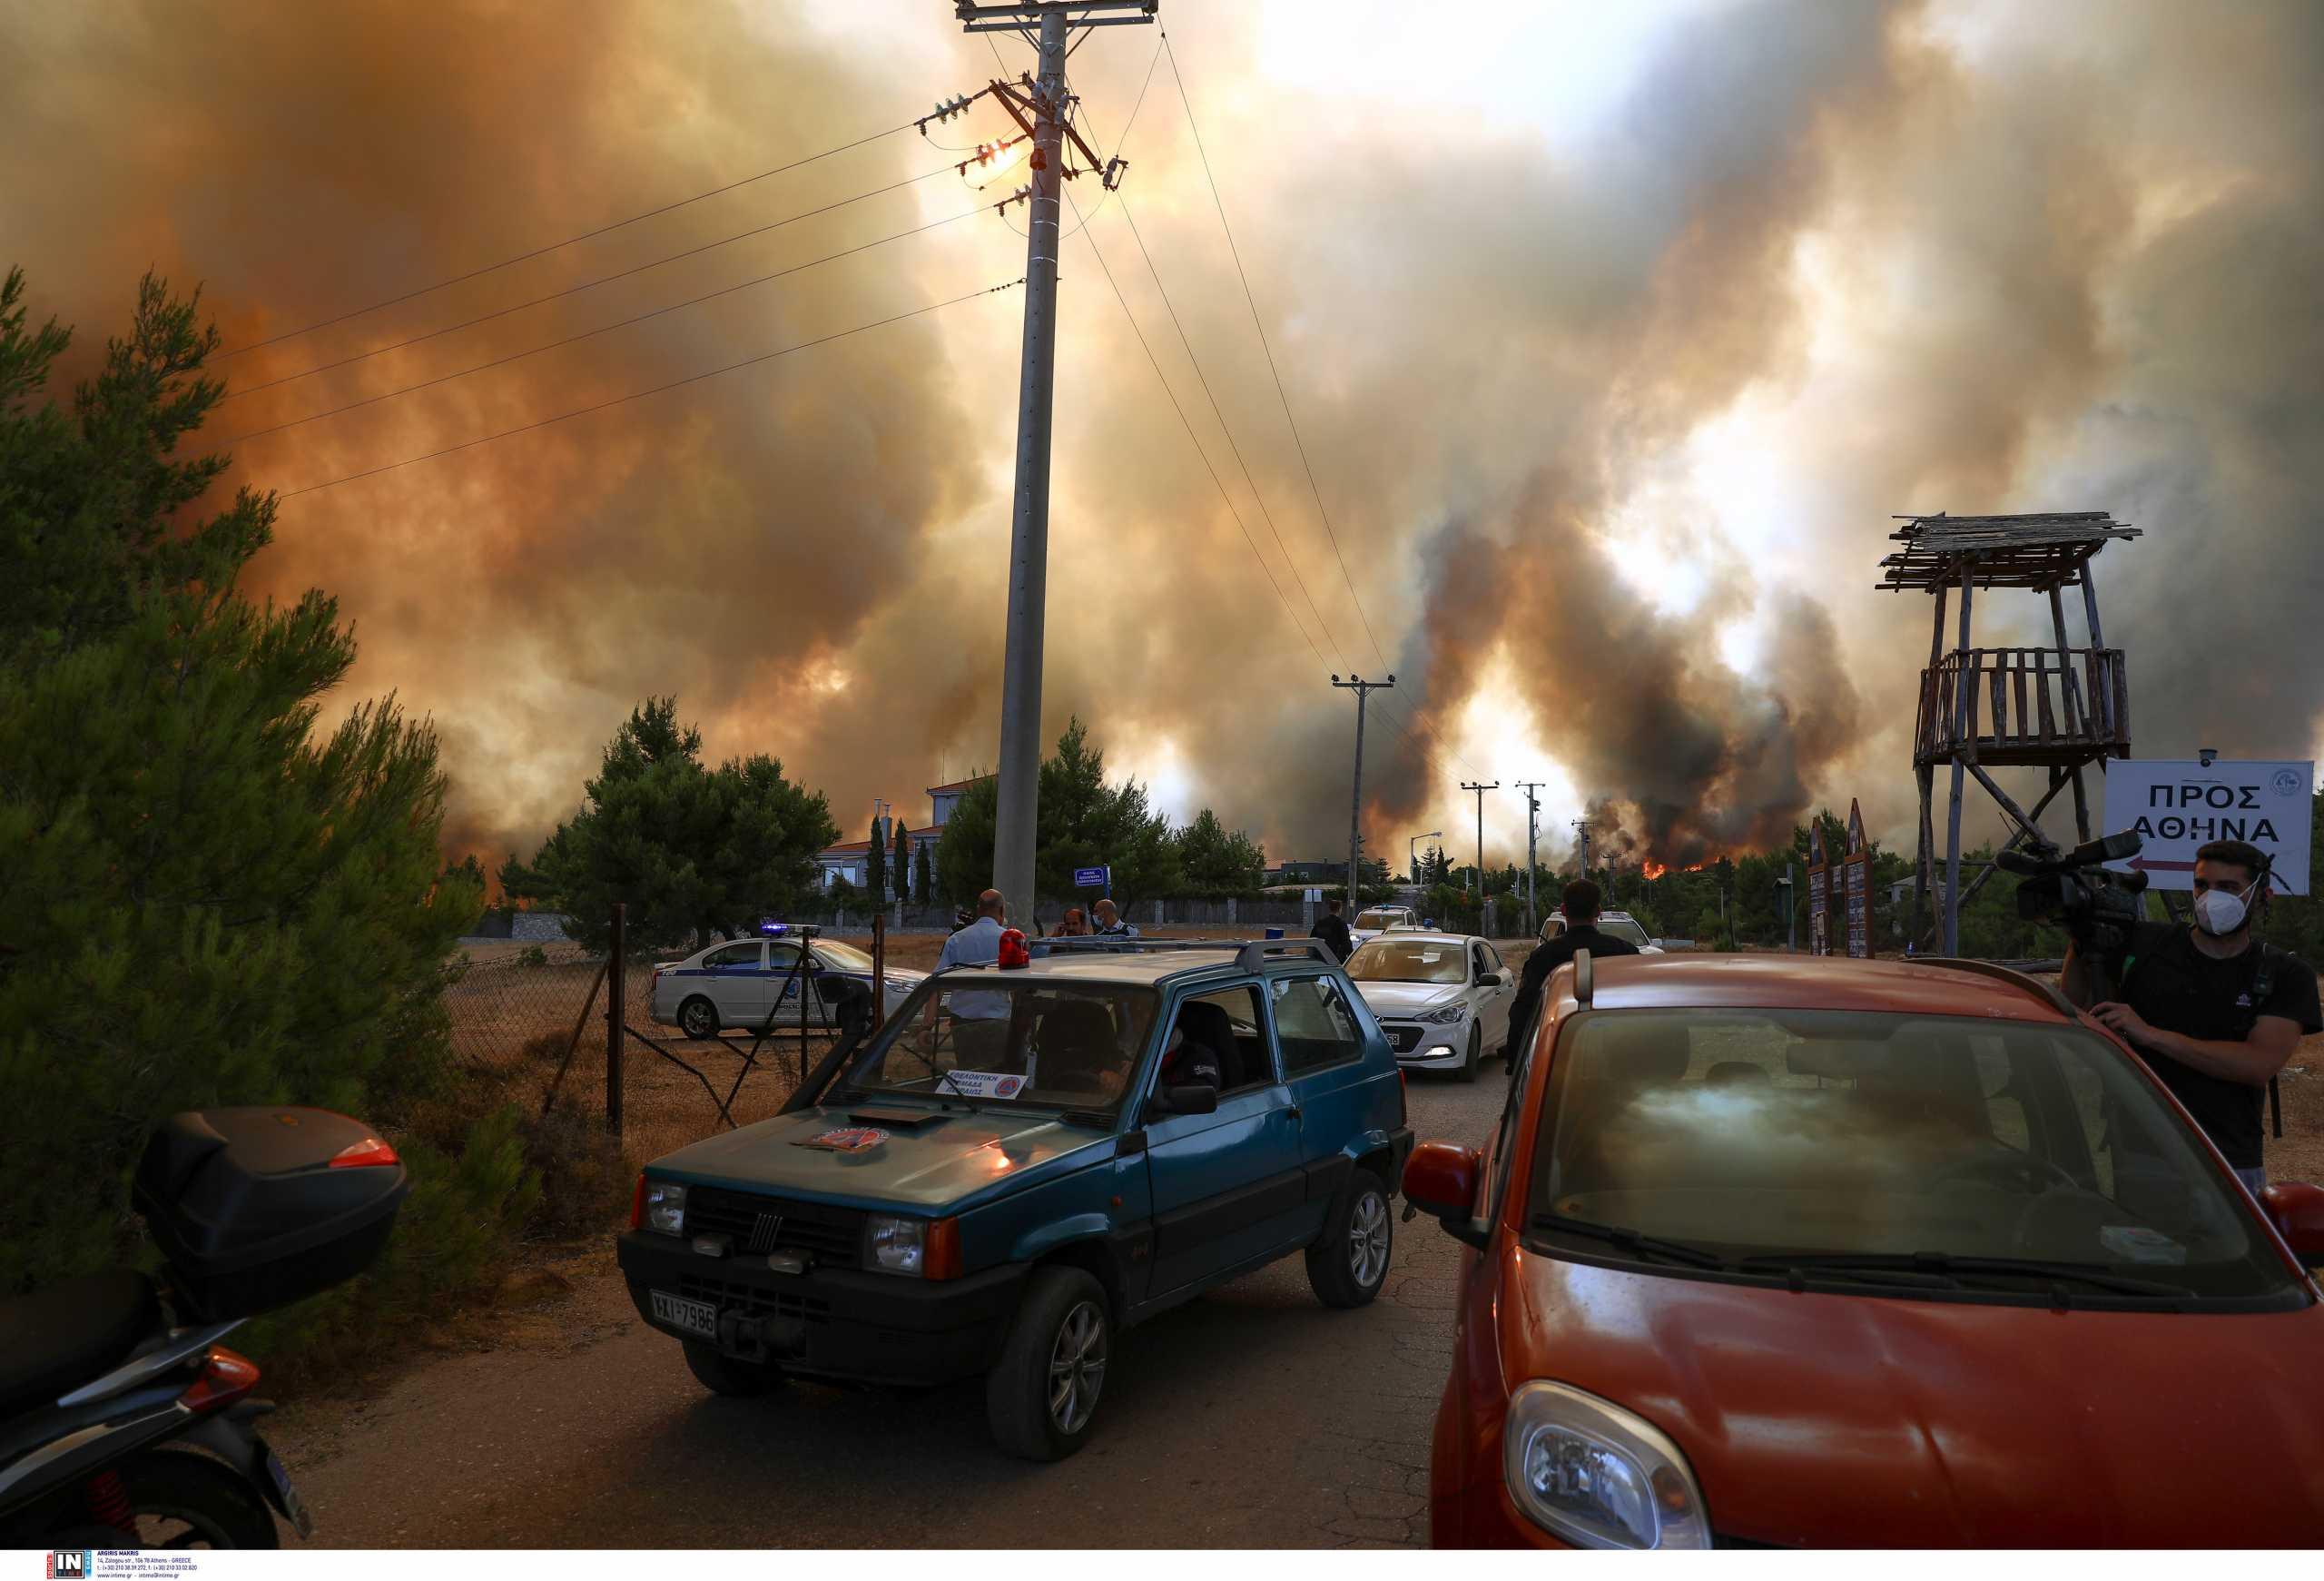 Άδωνις Γεωργιάδης για φωτιές: Ο πρωθυπουργός θα καταλογίσει τις ευθύνες όταν έρθει η ώρα